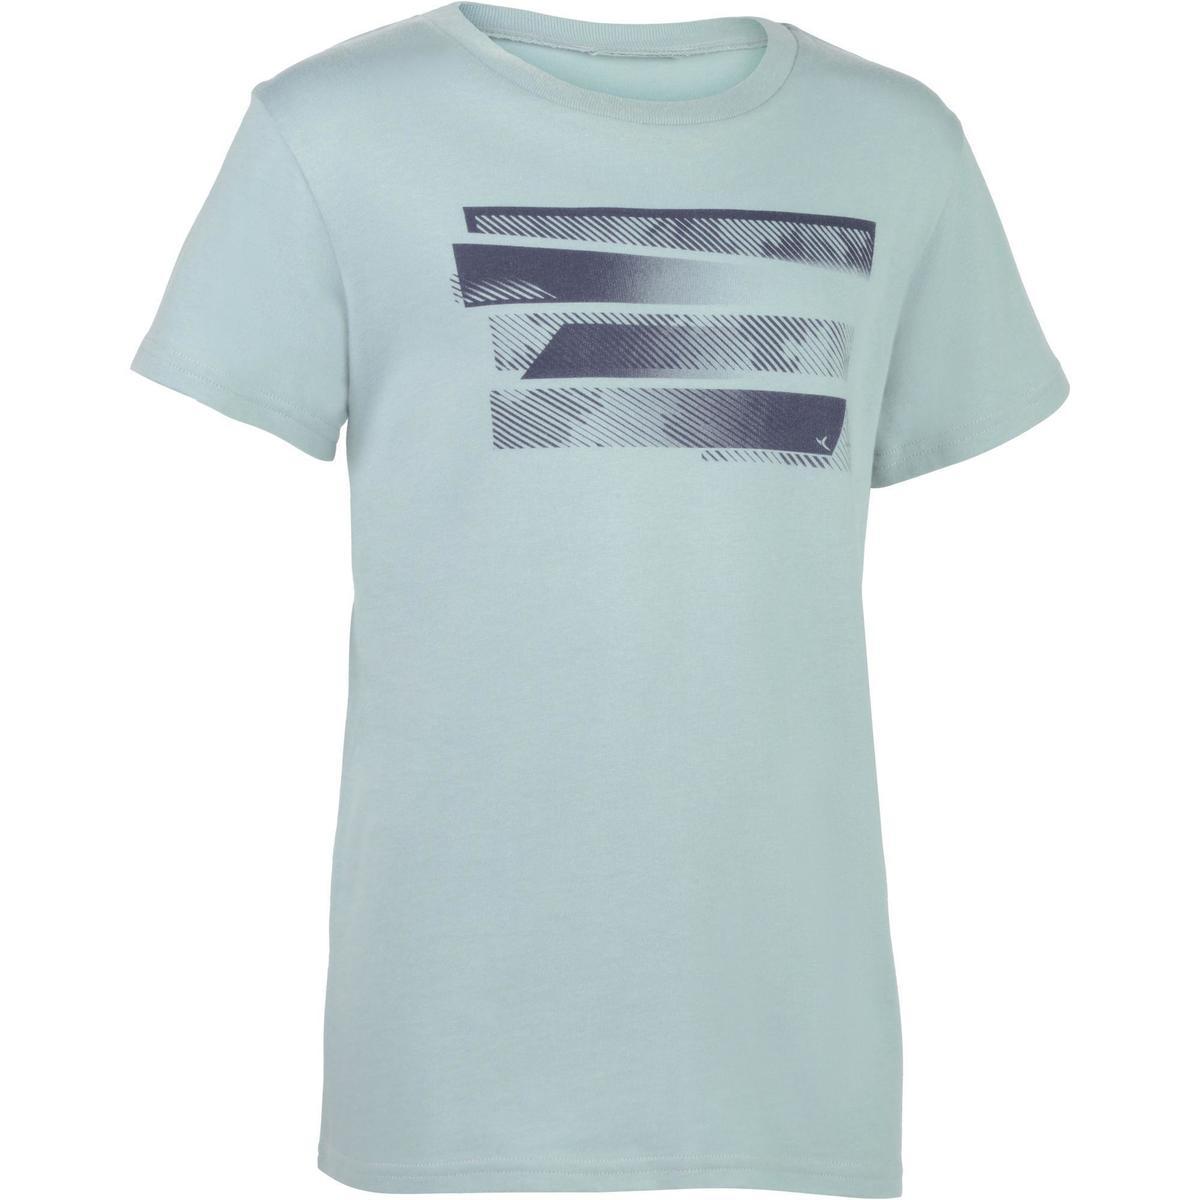 Bild 1 von T-Shirt 100 Gym Kinder grau mit Print